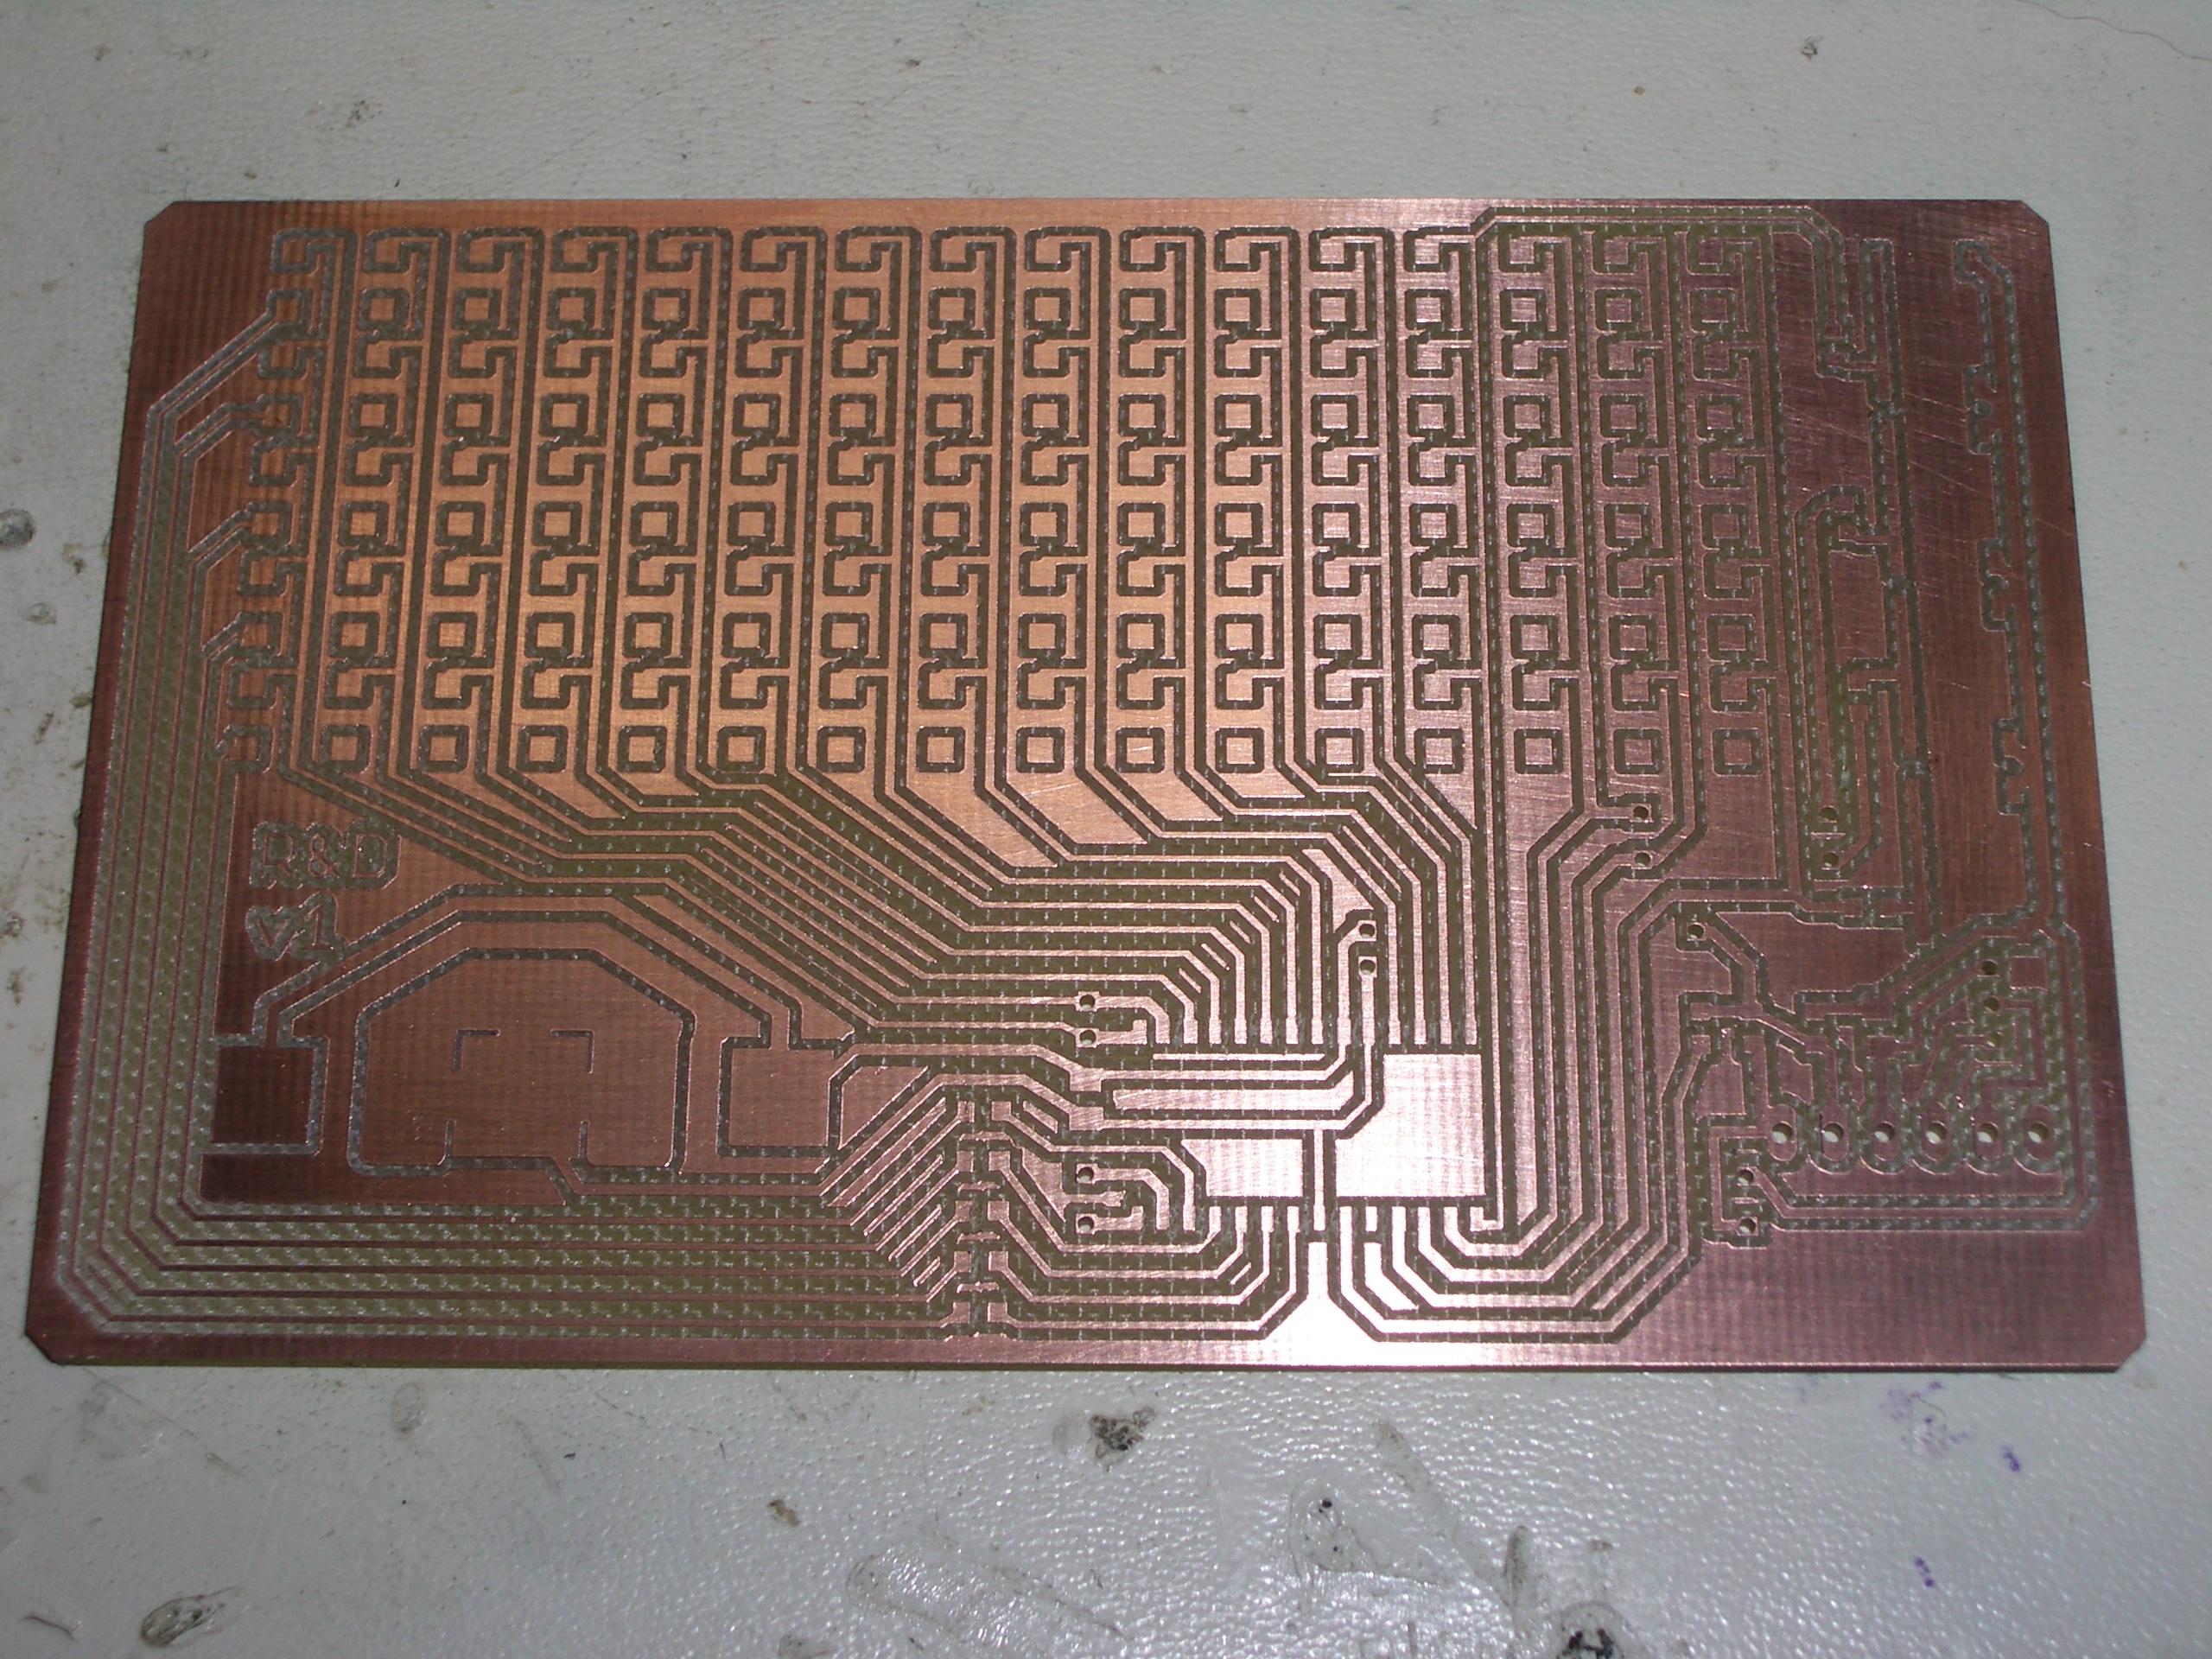 Kean Electronics Matrix Led Display Circuit Freshly Milled Pcb